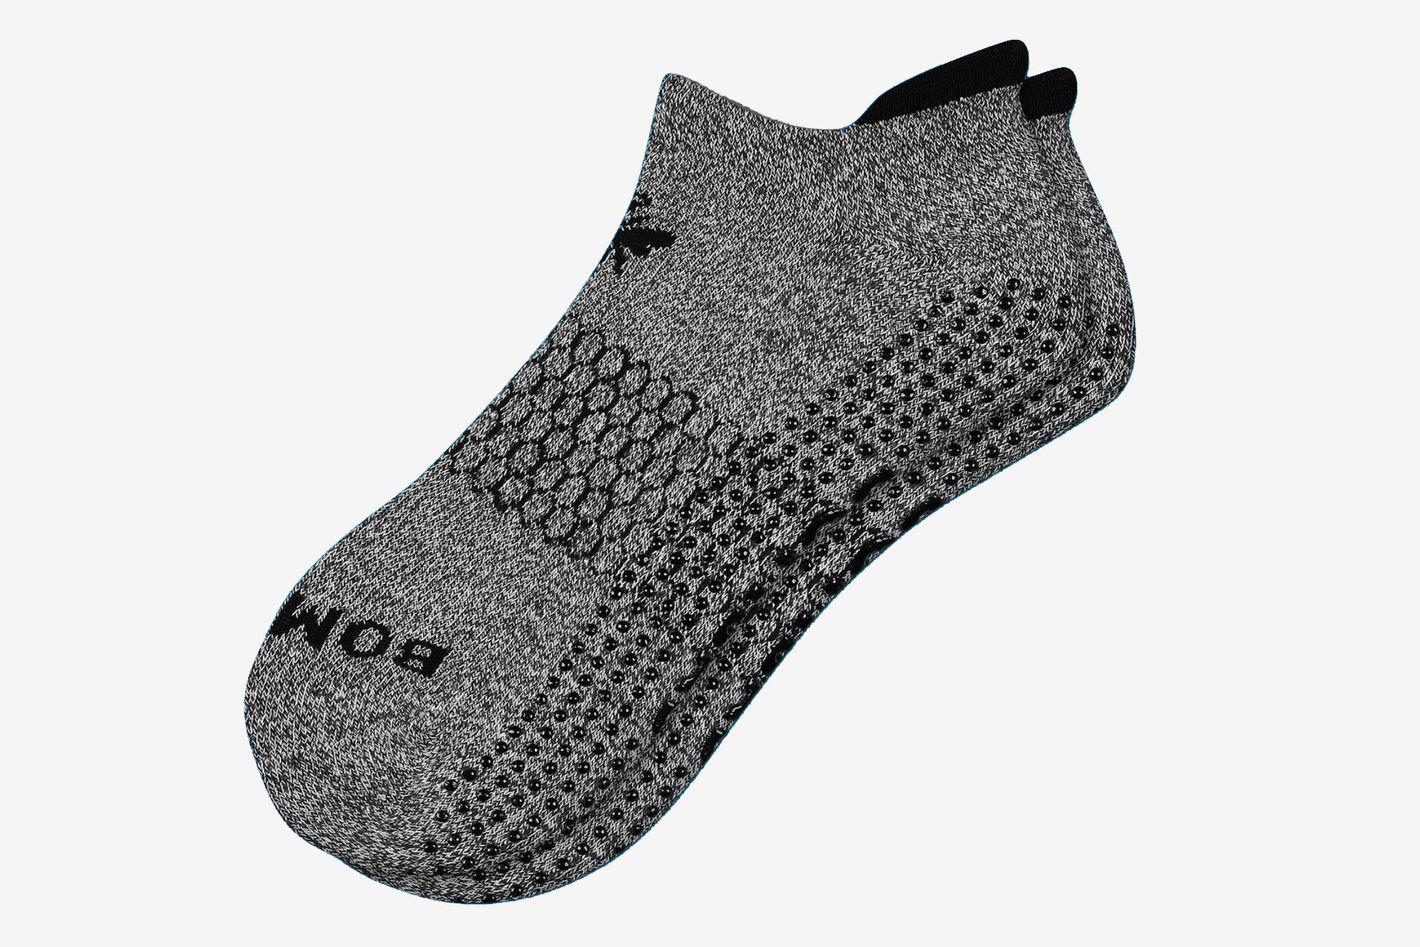 Bombas Women's Grippers Socks